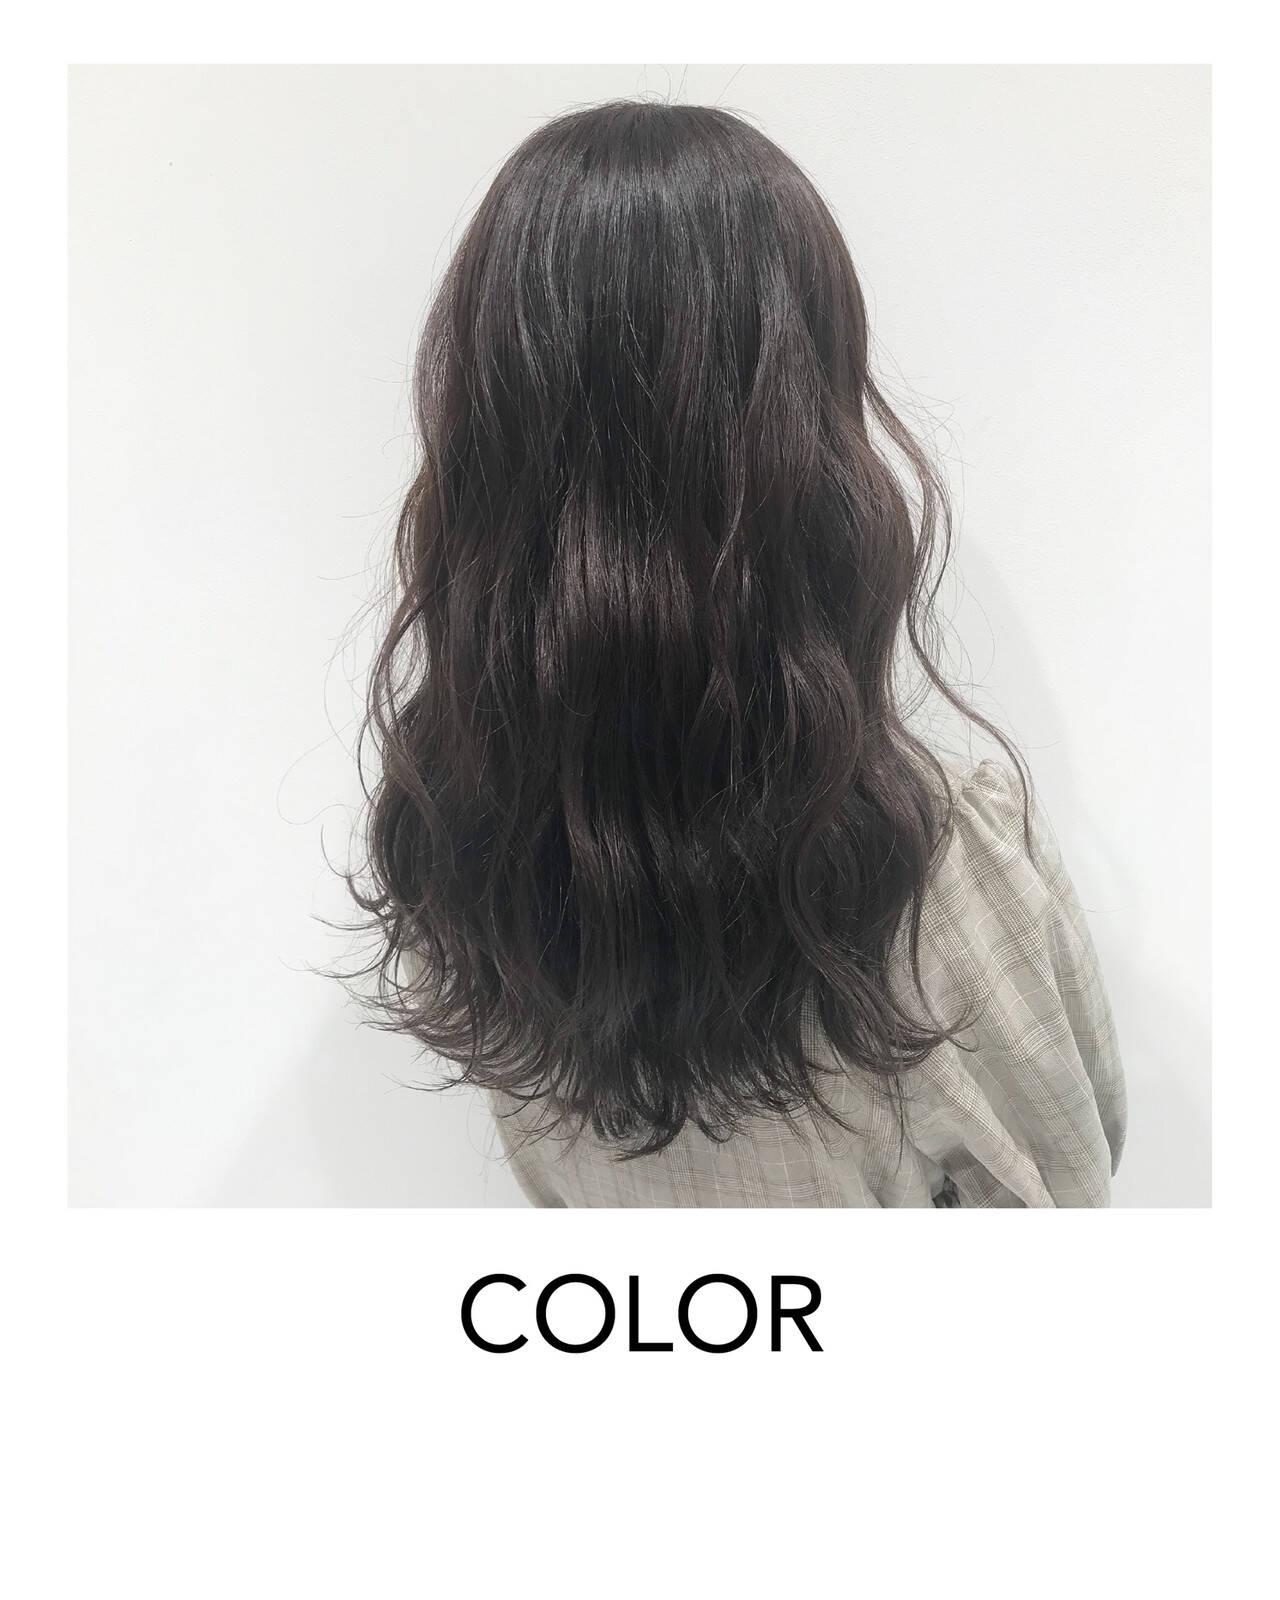 ヘアアレンジ 卒業式 セミロング イメチェンヘアスタイルや髪型の写真・画像